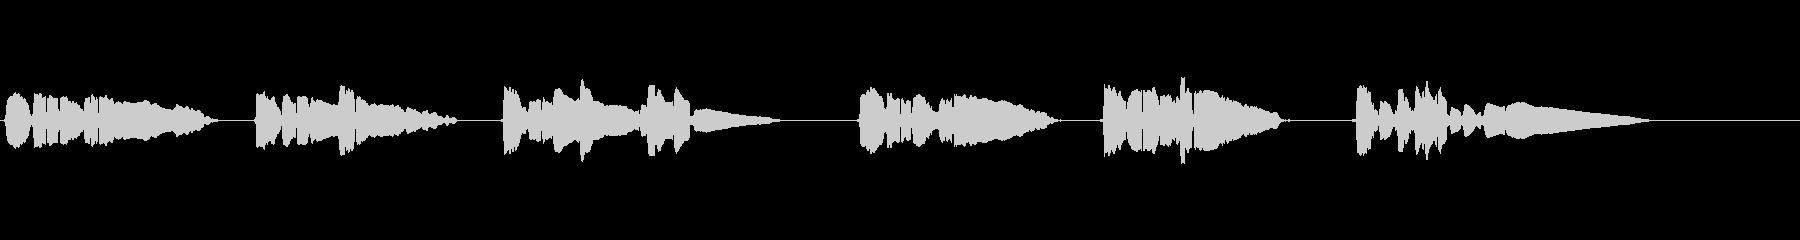 サックス1本で官能的な曲の未再生の波形